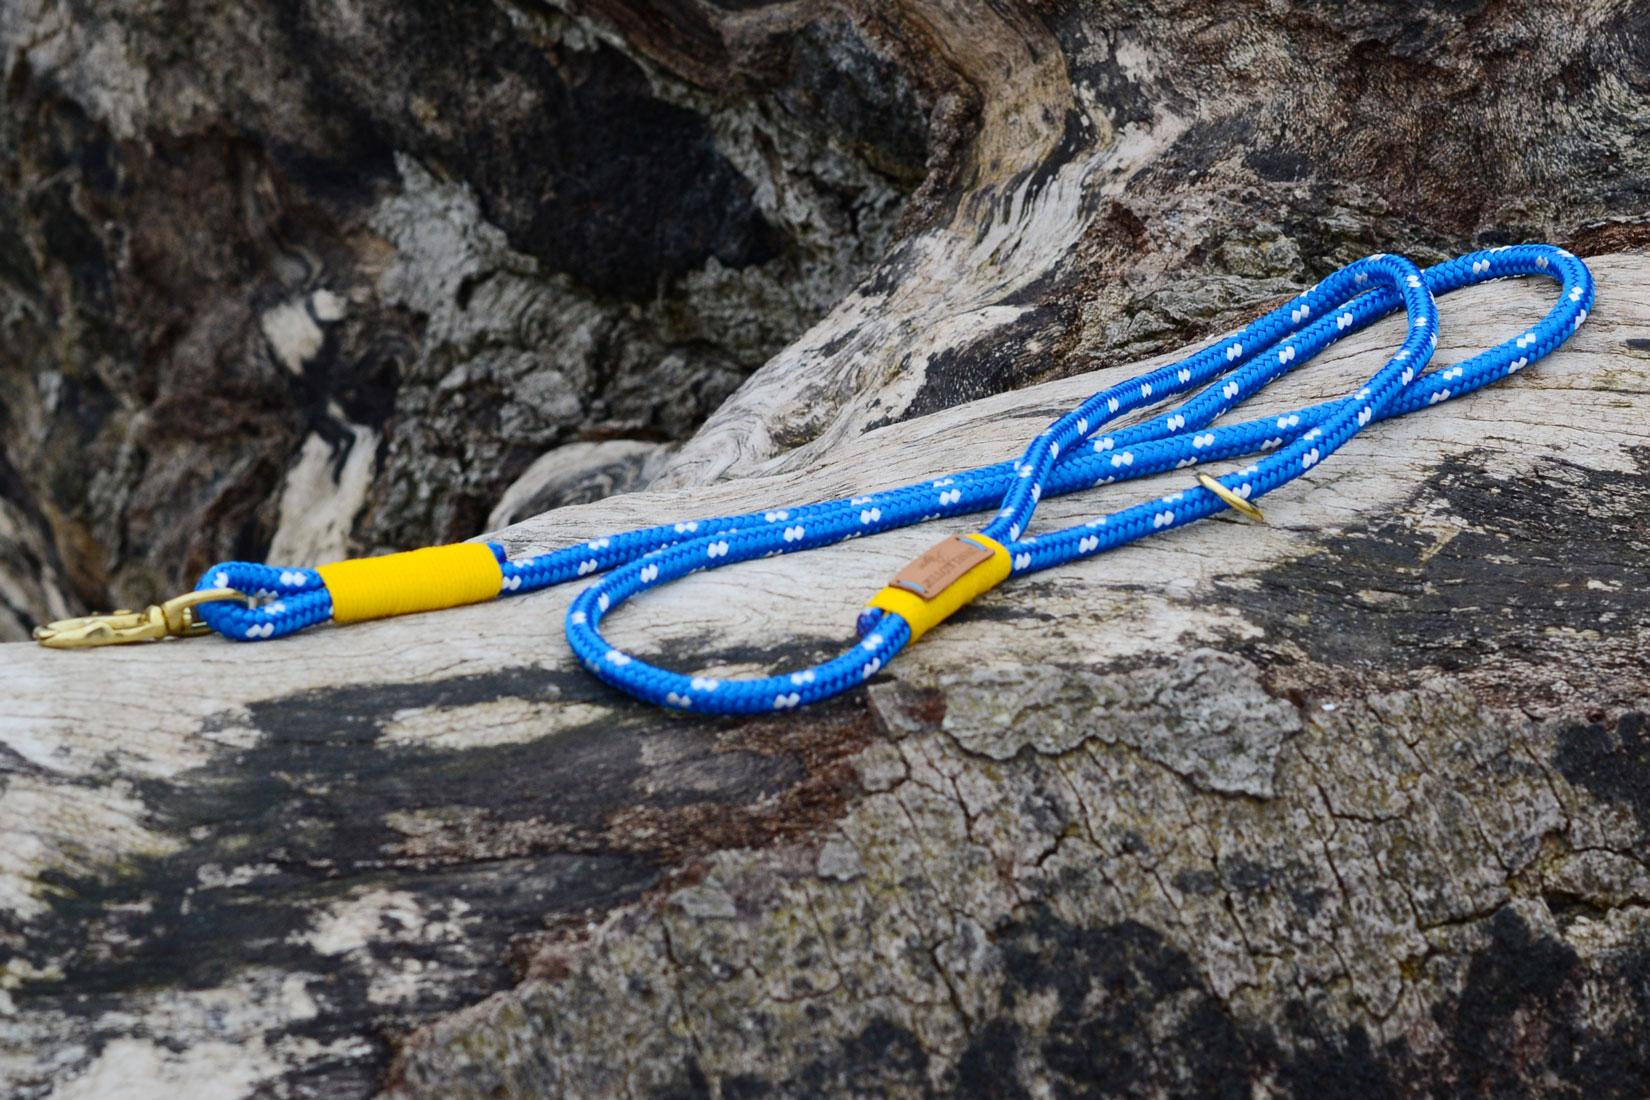 Maritime Hundeleine in regatta blau weiss mit fester Handschlaufe für den Stadtbummel